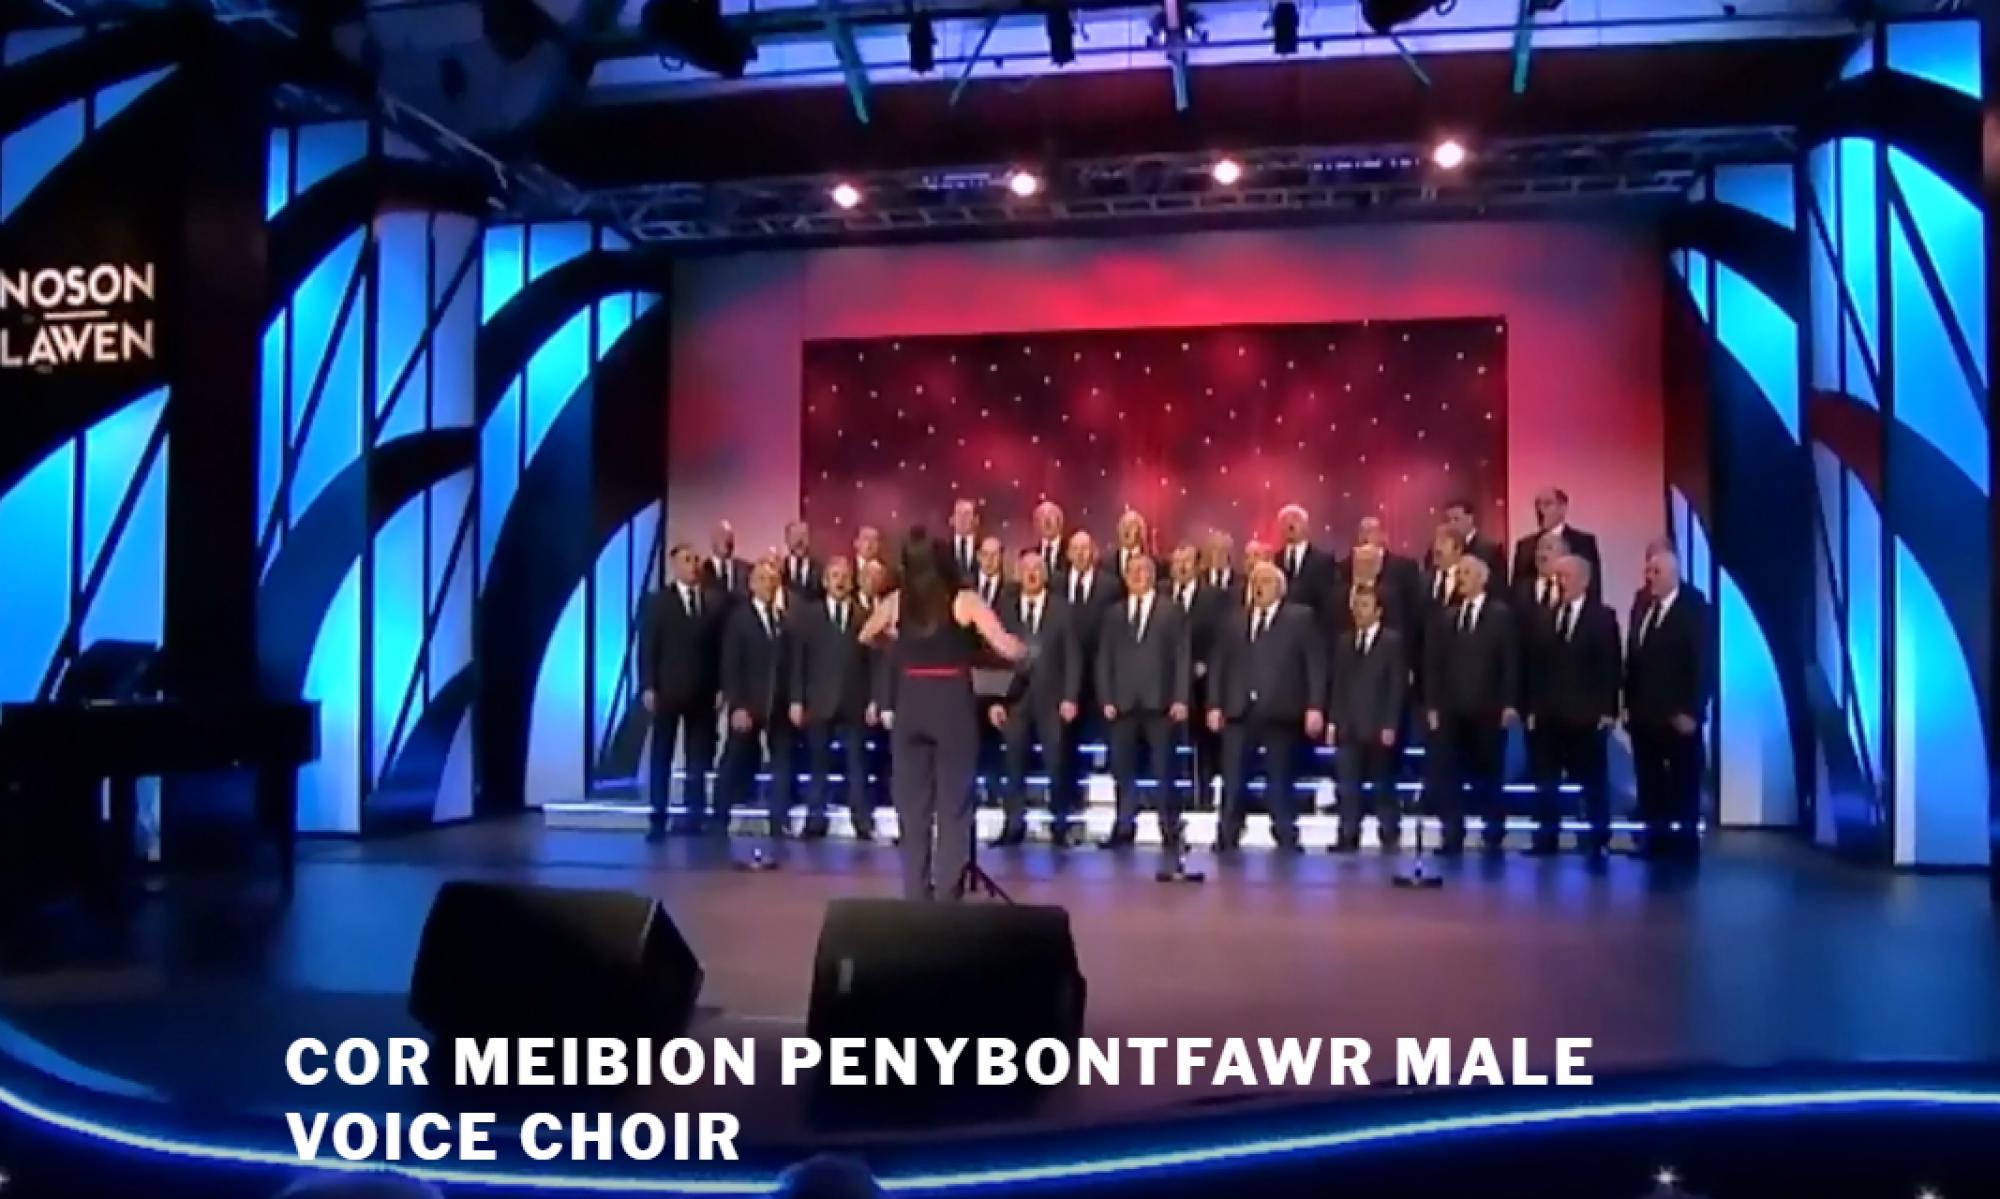 Cor Meibion Pen-y-Bont Fawr